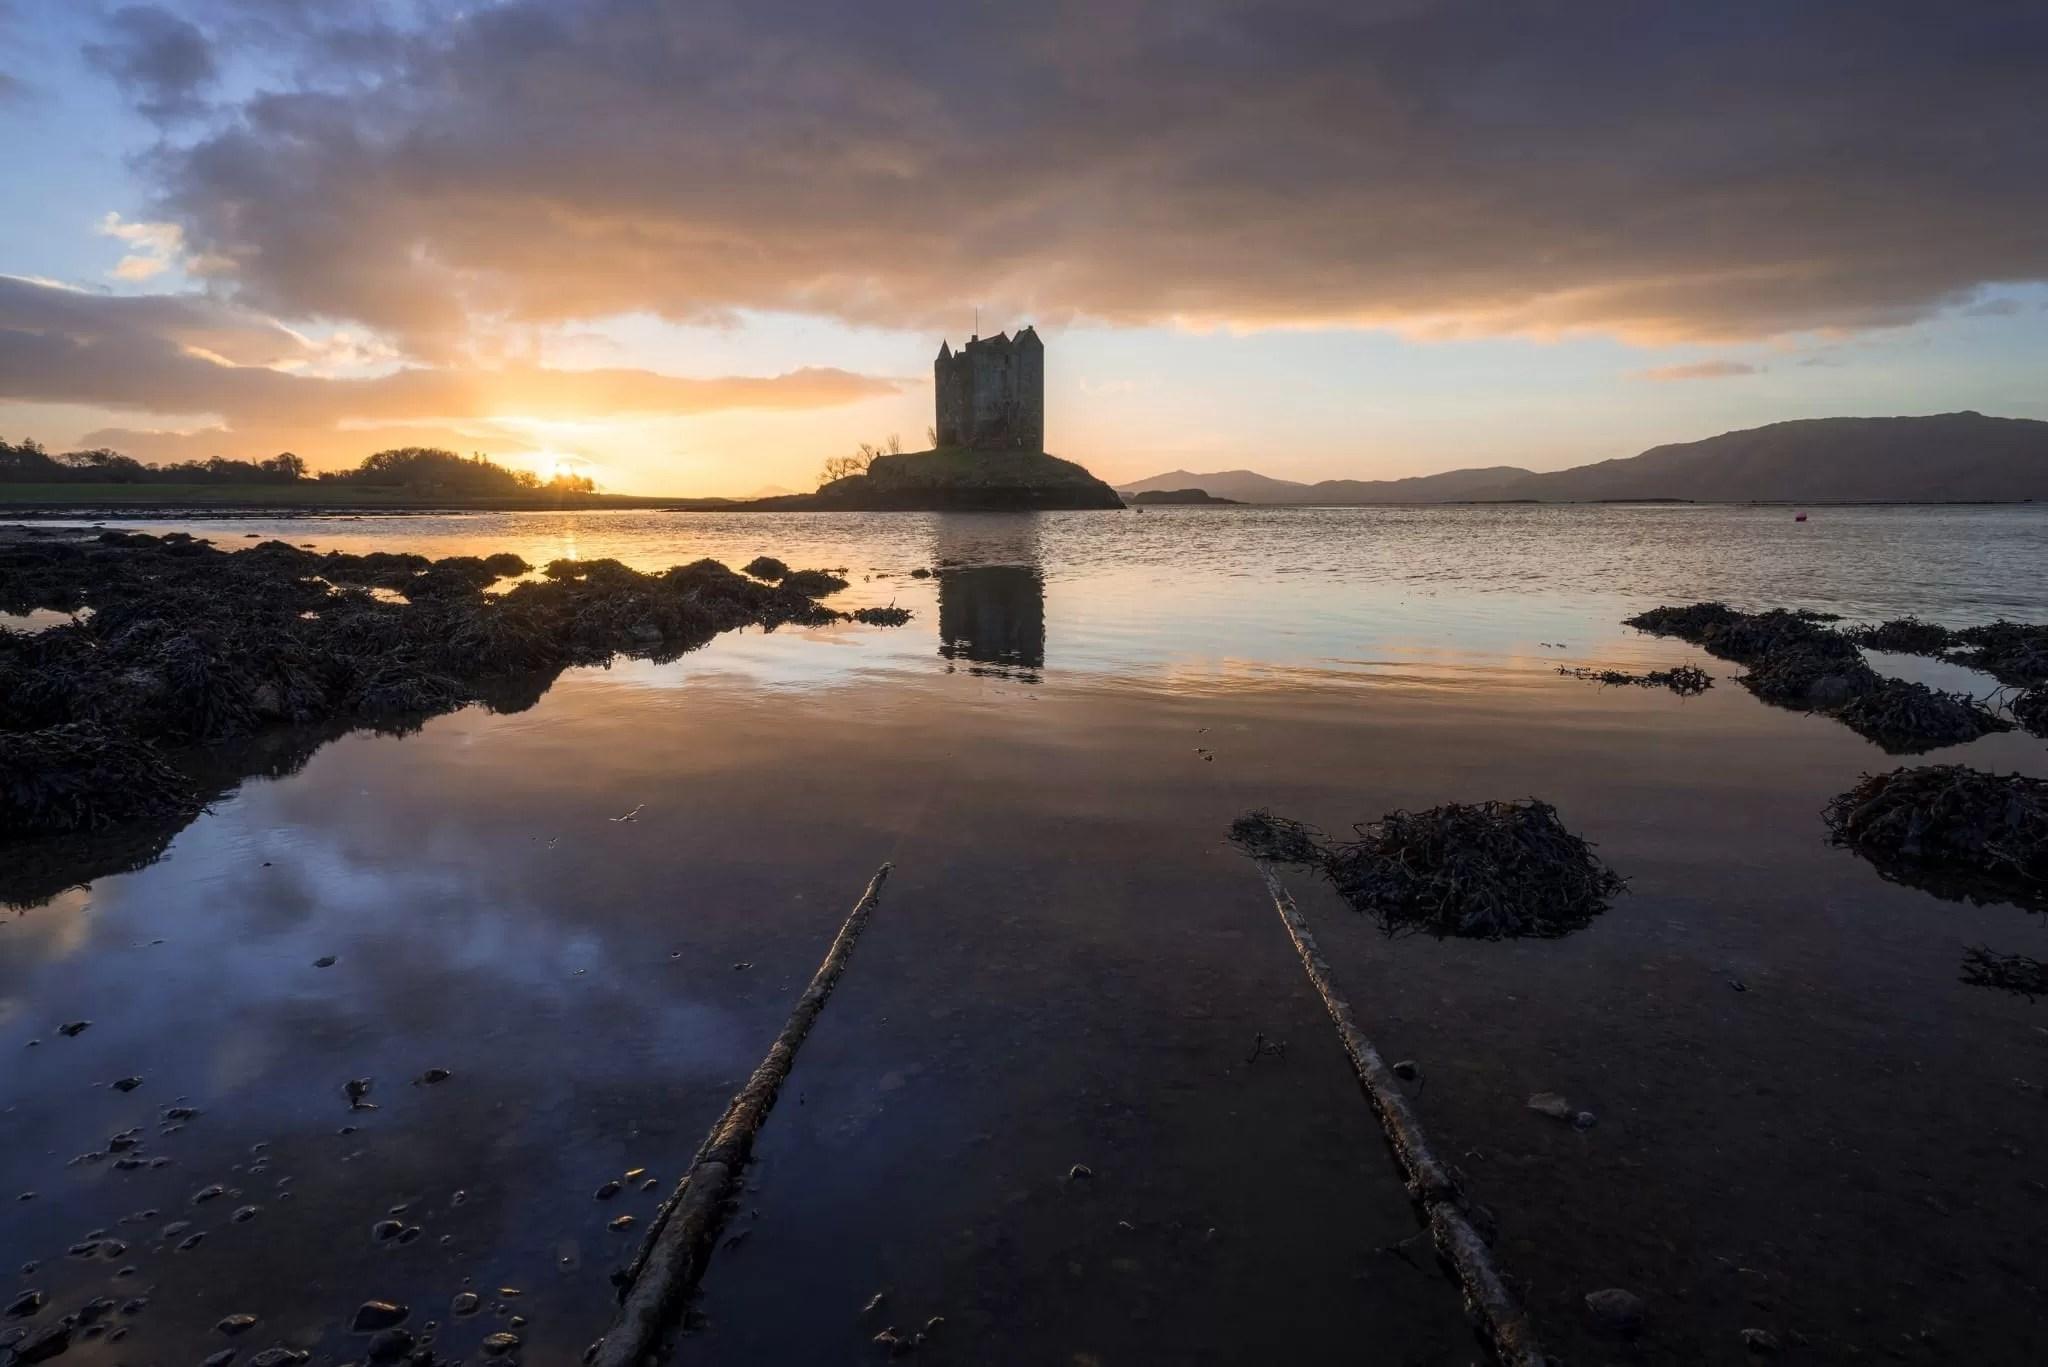 Castle Stalker Sunset - Scotland Photography Workshops